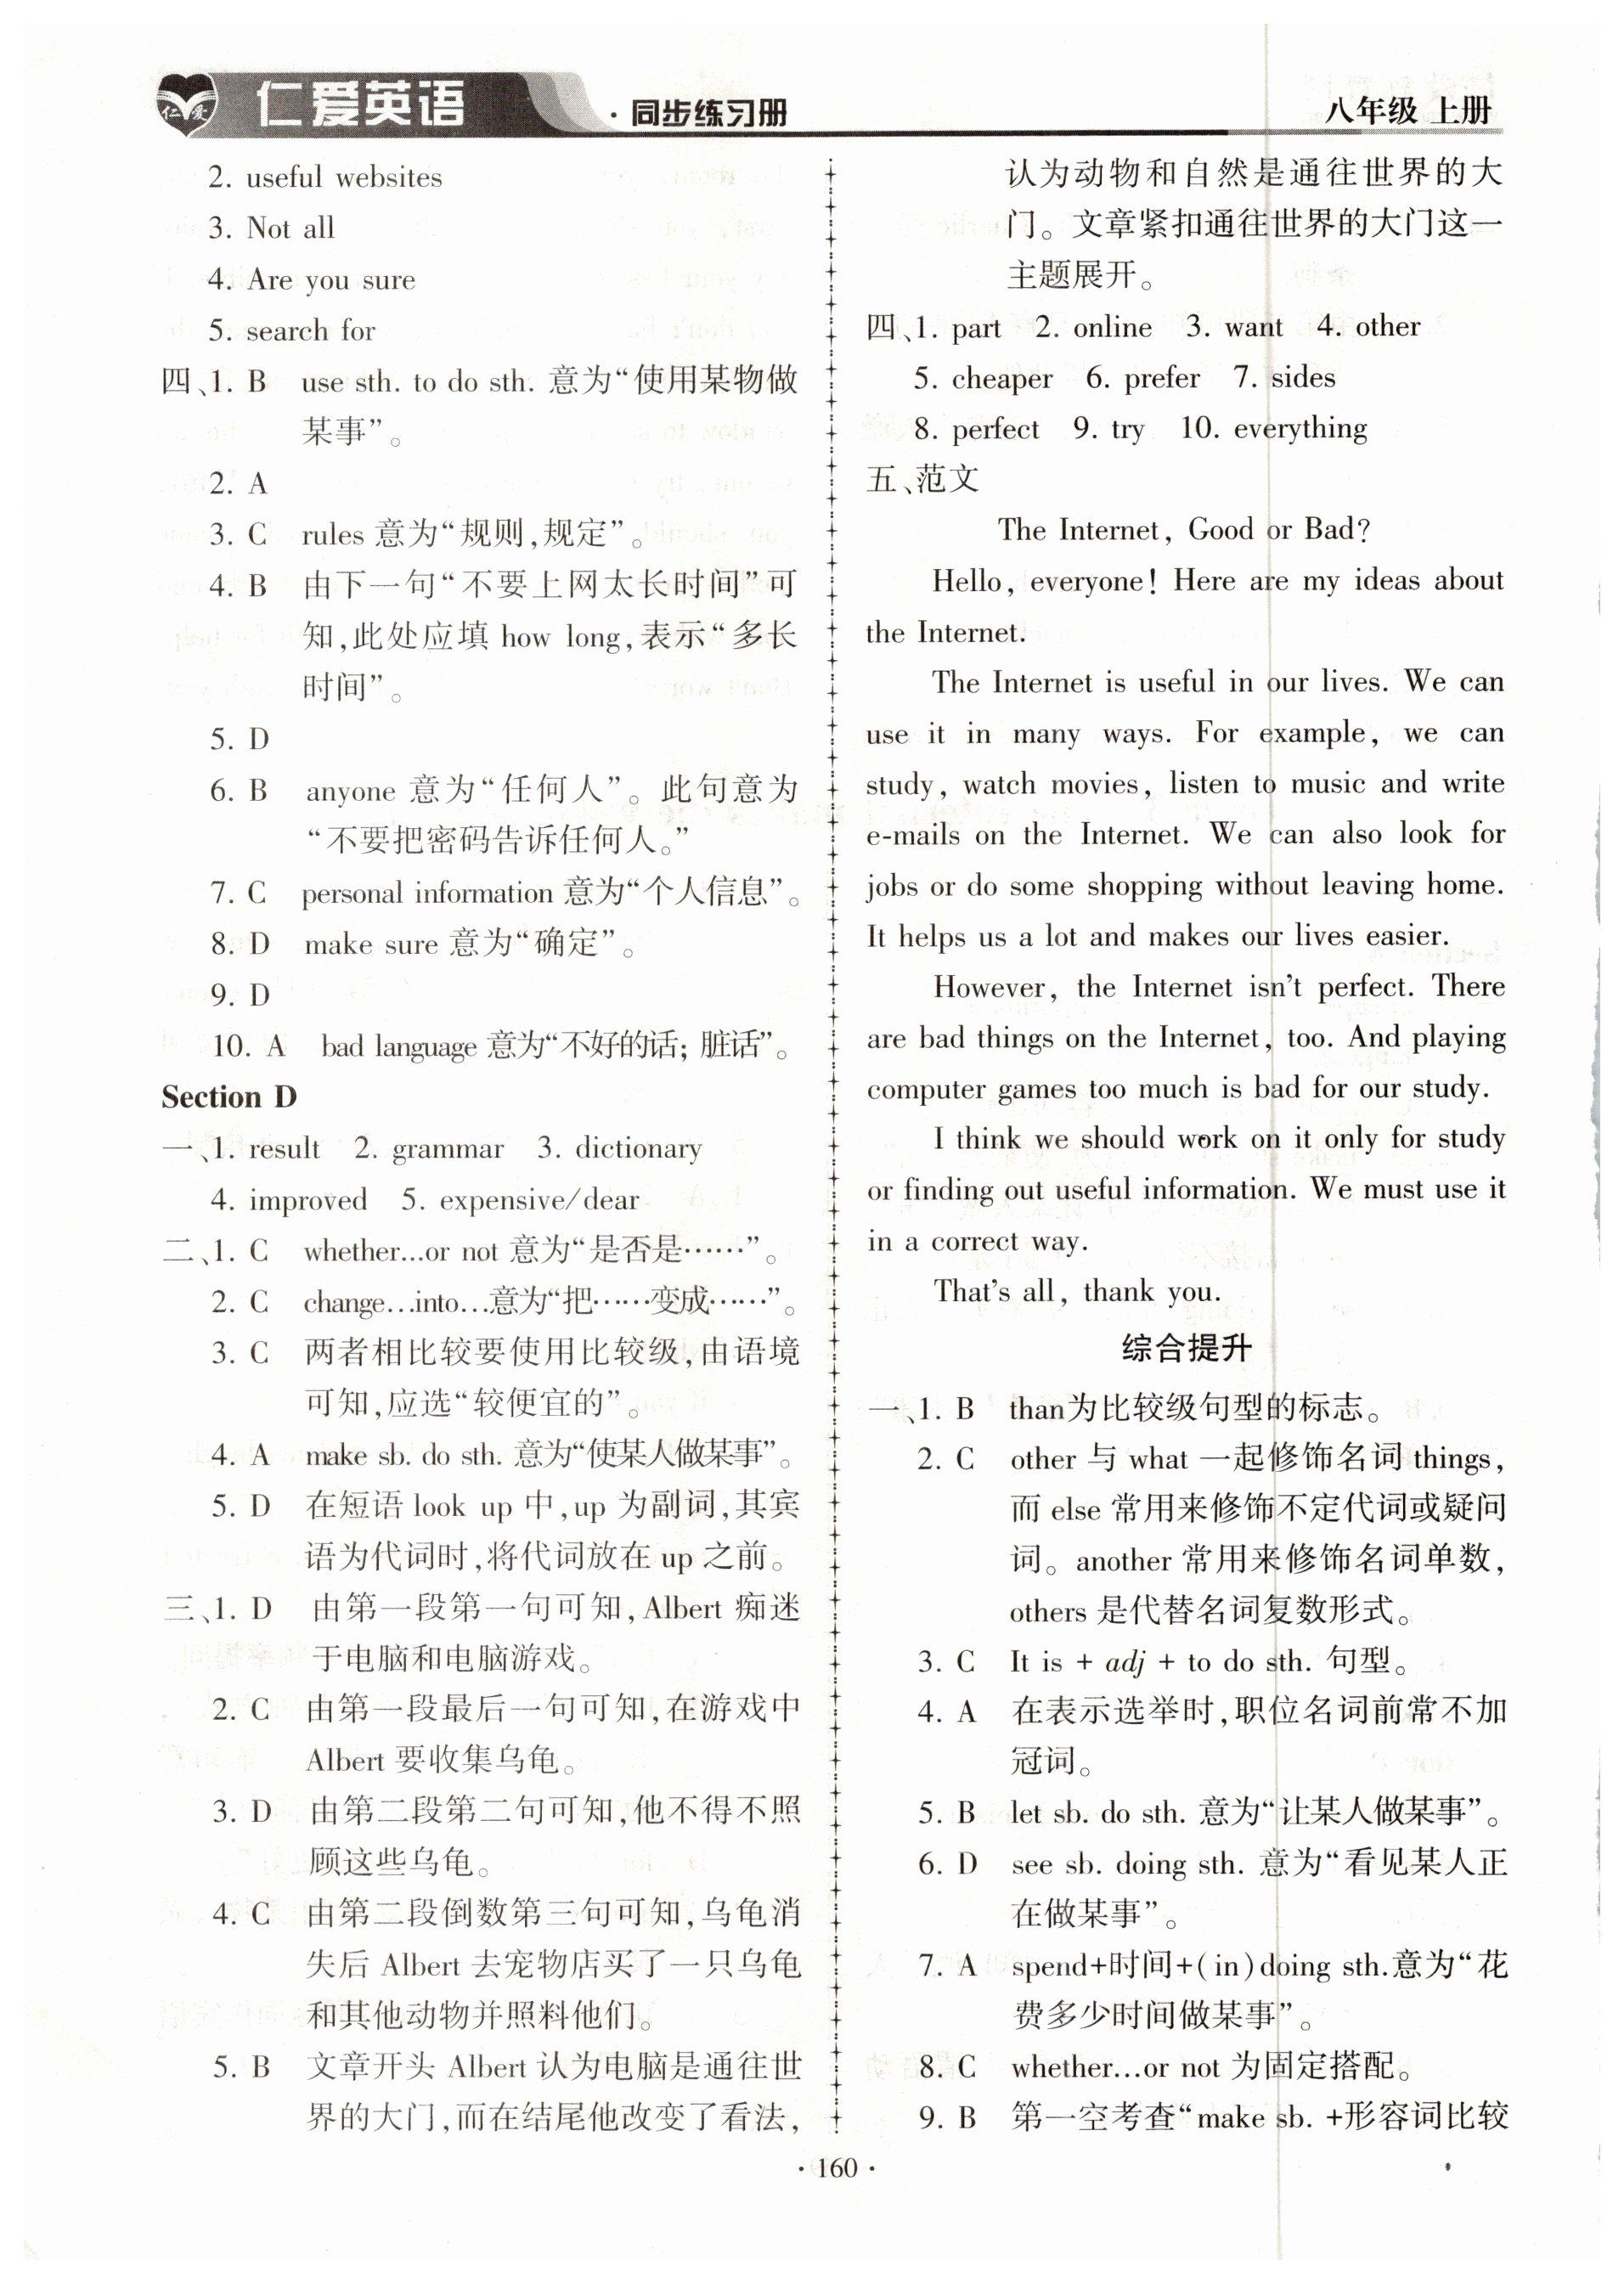 2018年仁爱英语同步练习册八年级上册仁爱版第30页